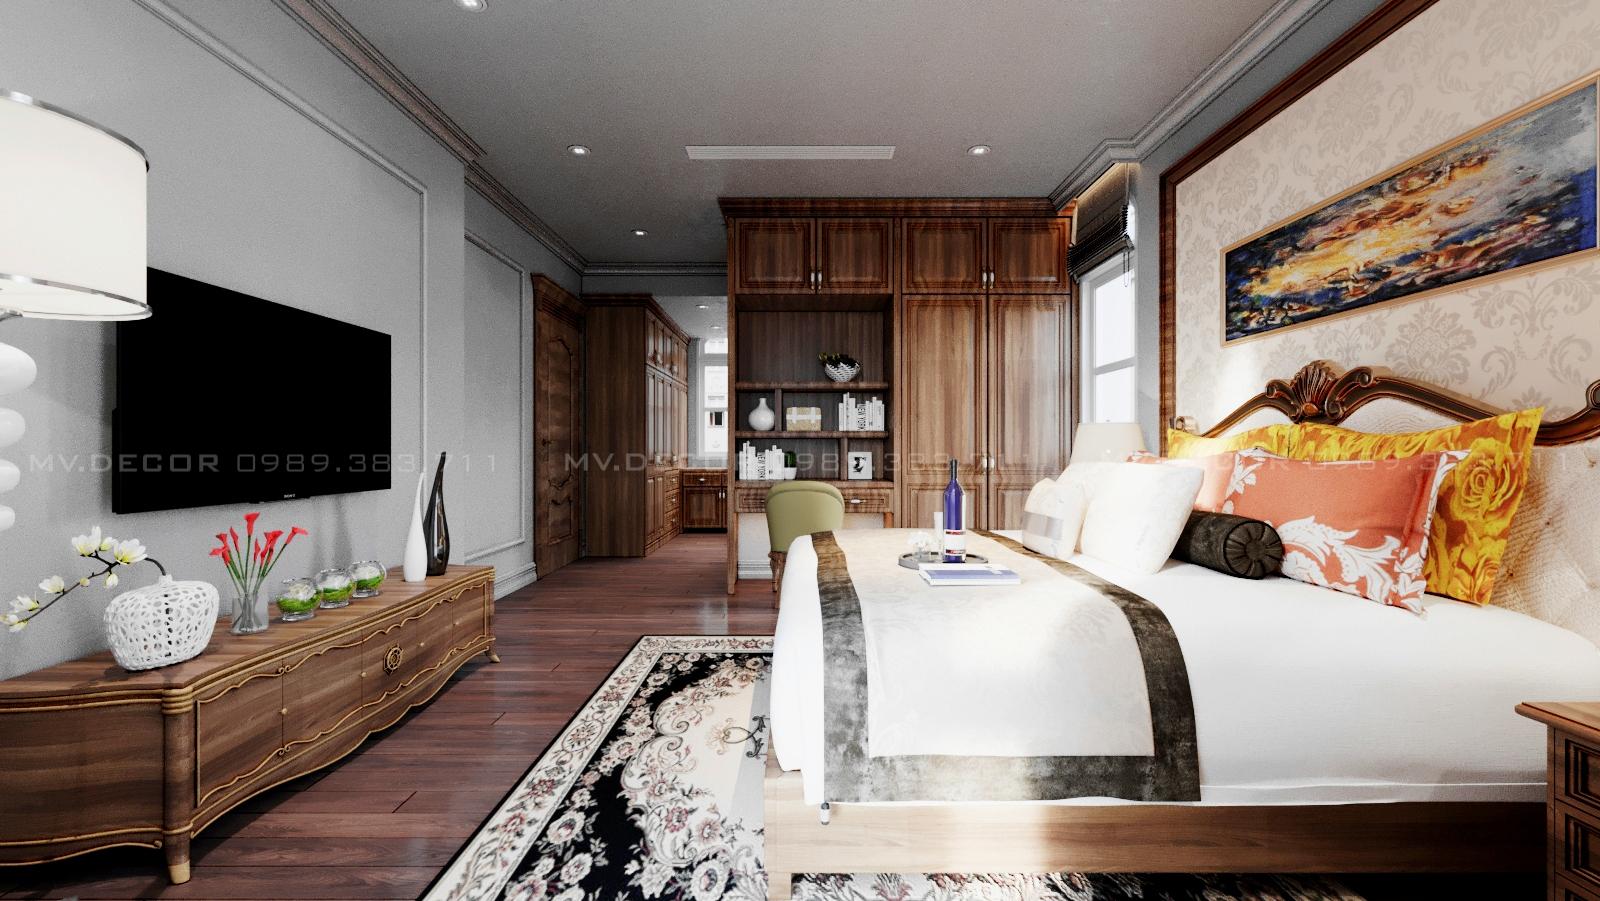 thiết kế nội thất Biệt Thự tại Hải Phòng BT VINHOME HẢI PHÒNG 22 1562719453